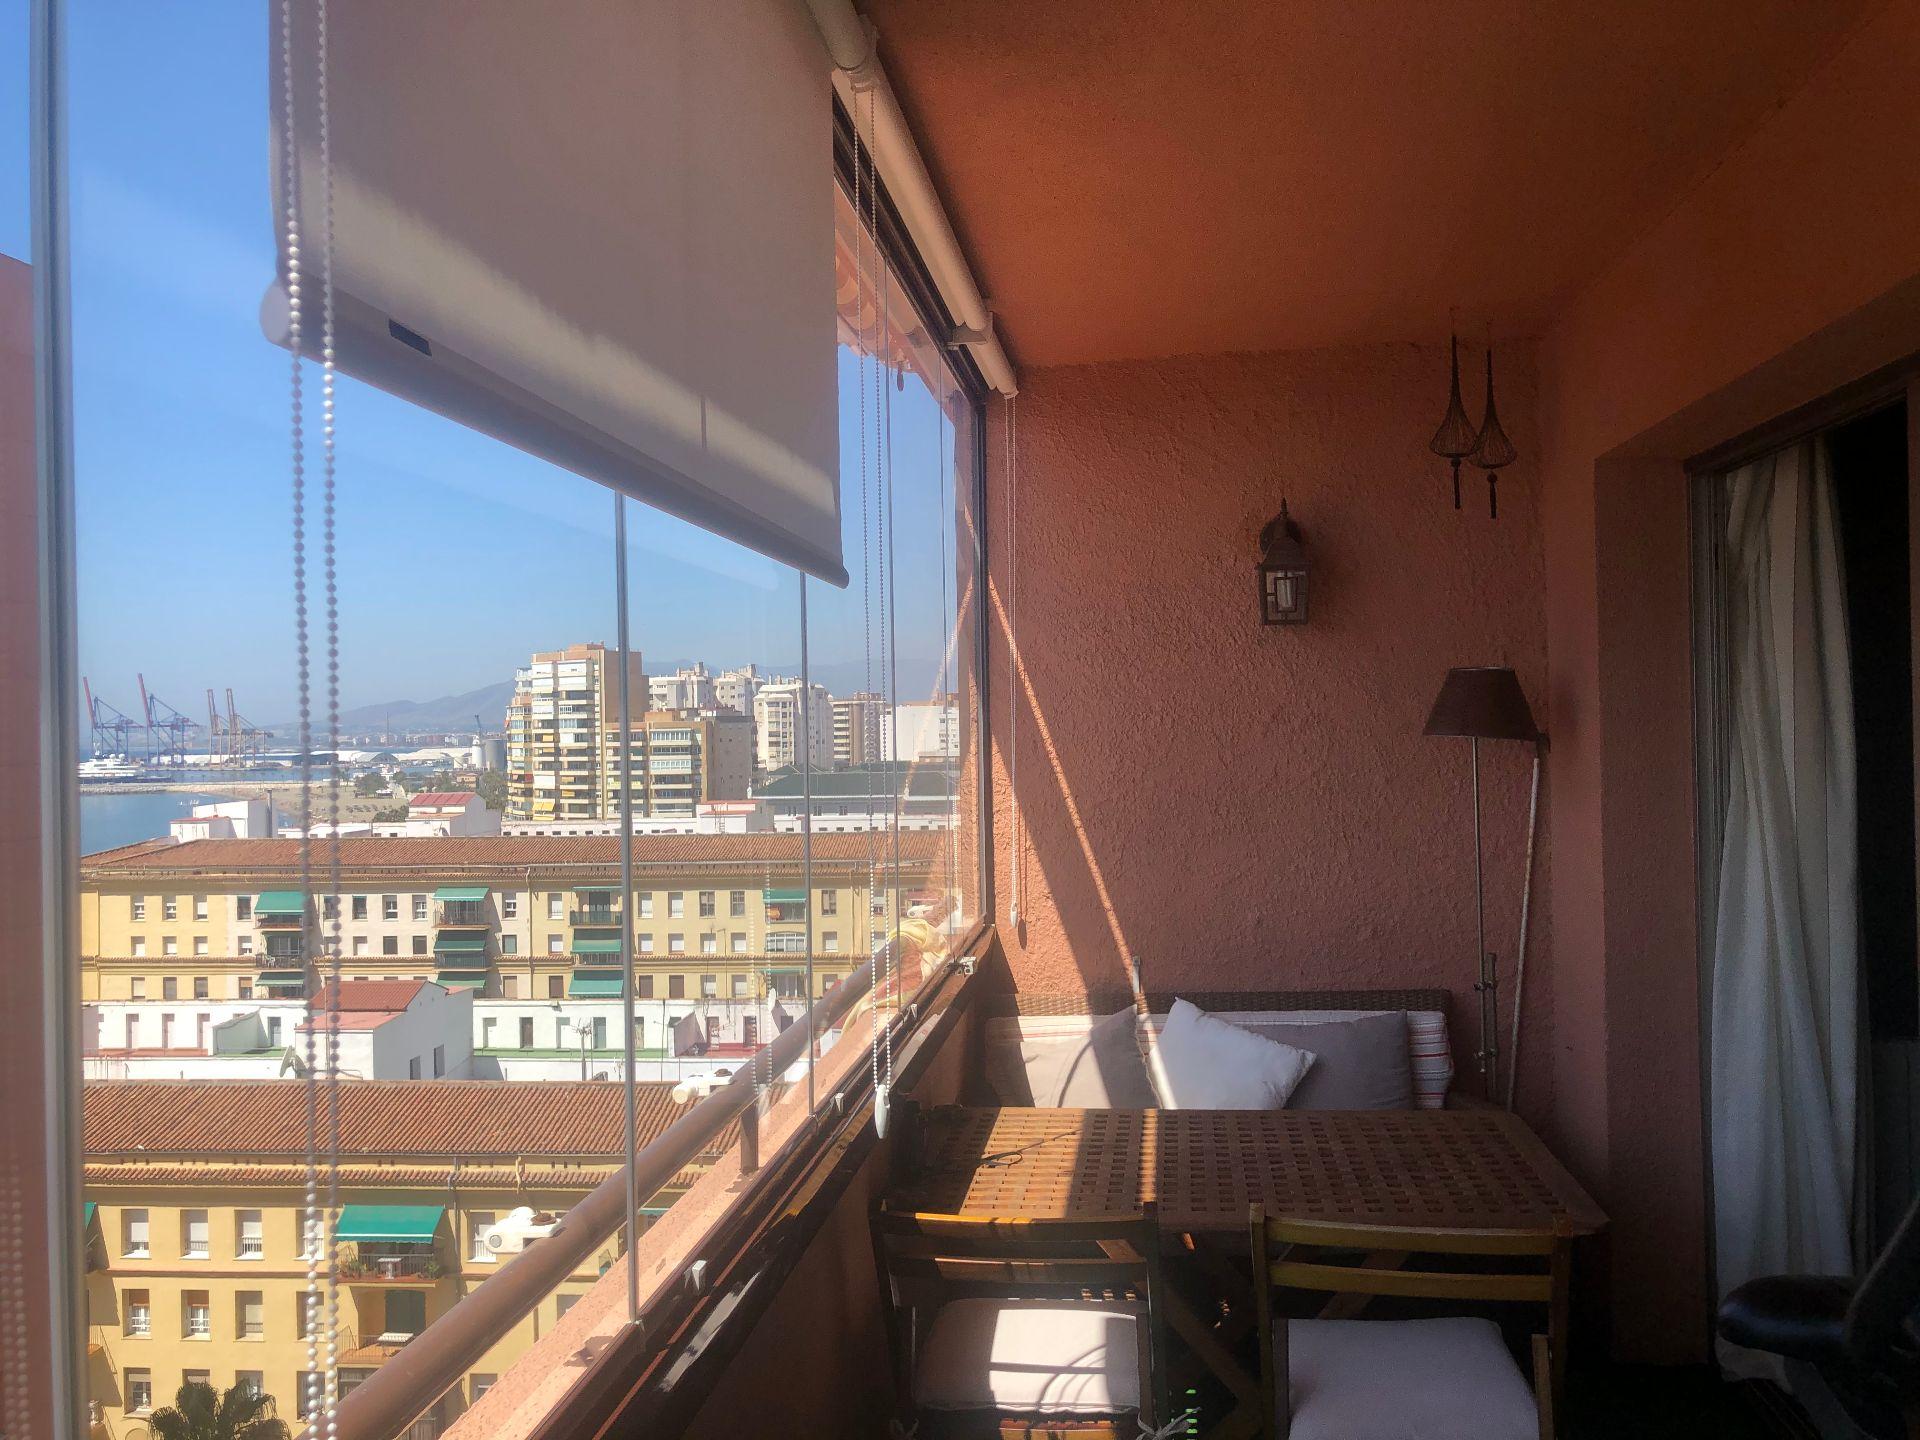 Piso en Málaga, MALAGUETA - MONTE SANCHA, alquiler